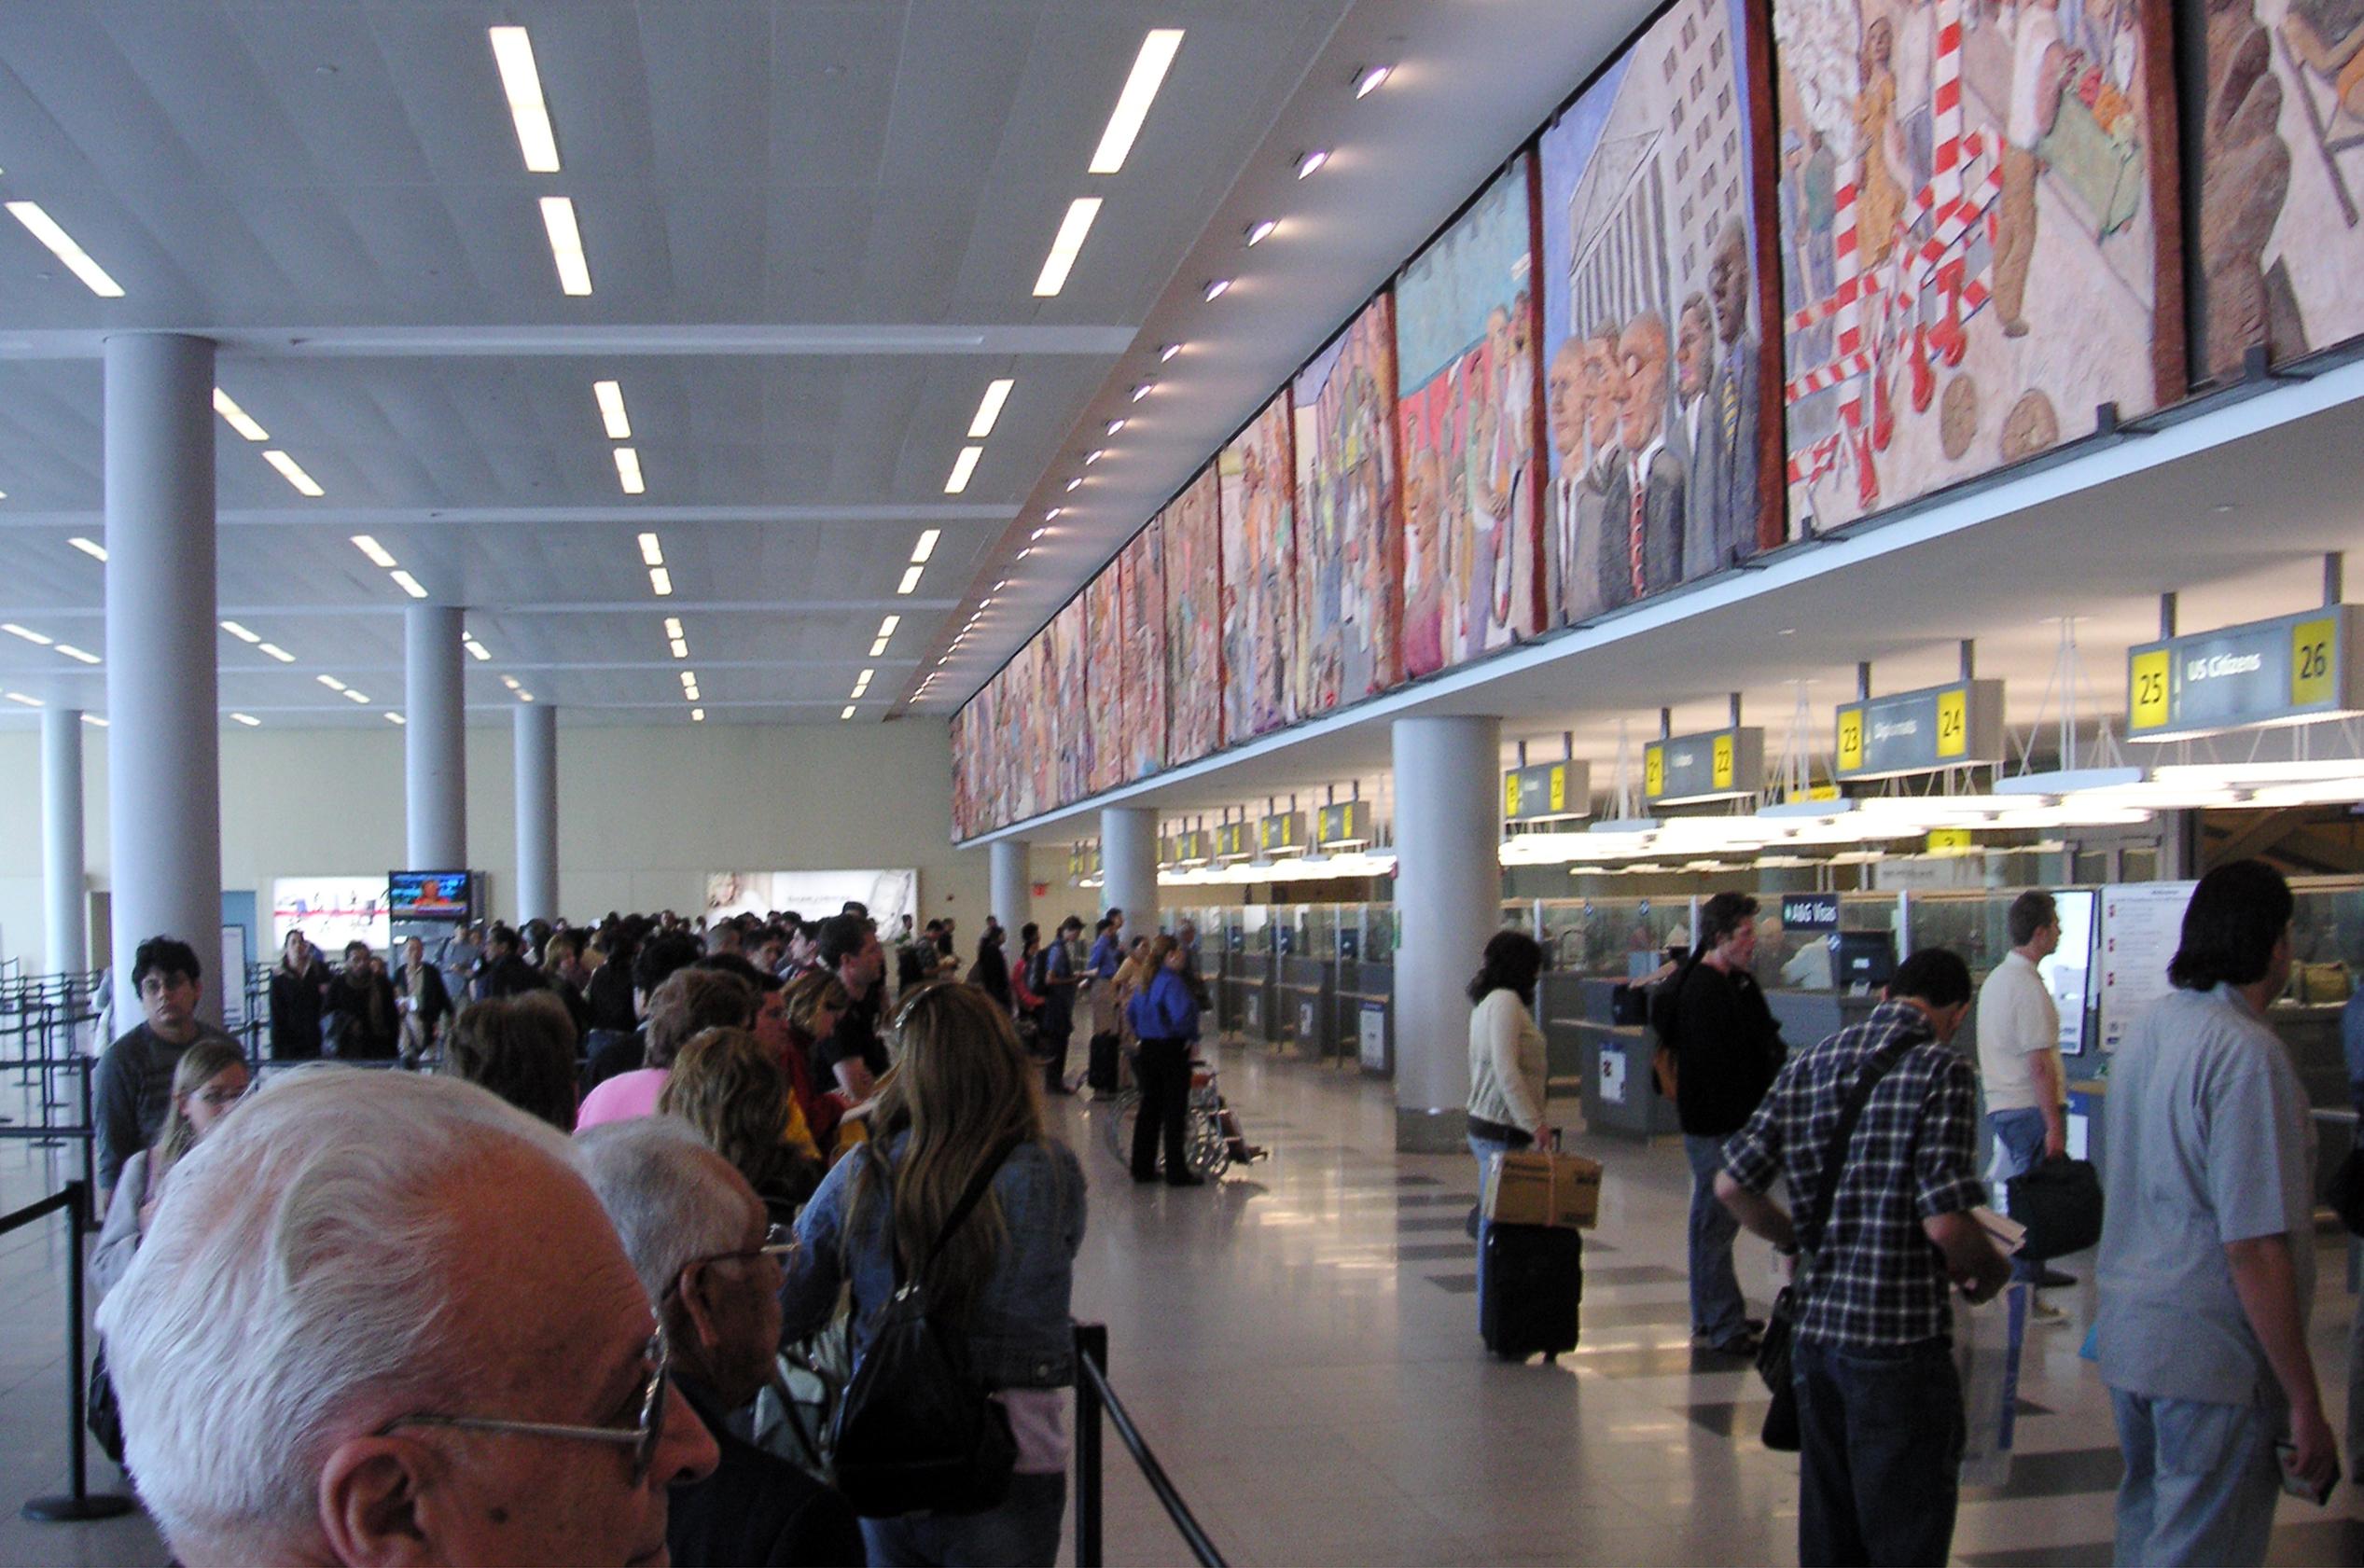 Aeroporto Jfk : O dia em que eu fui parar na salinha da imigração do jfk viajante